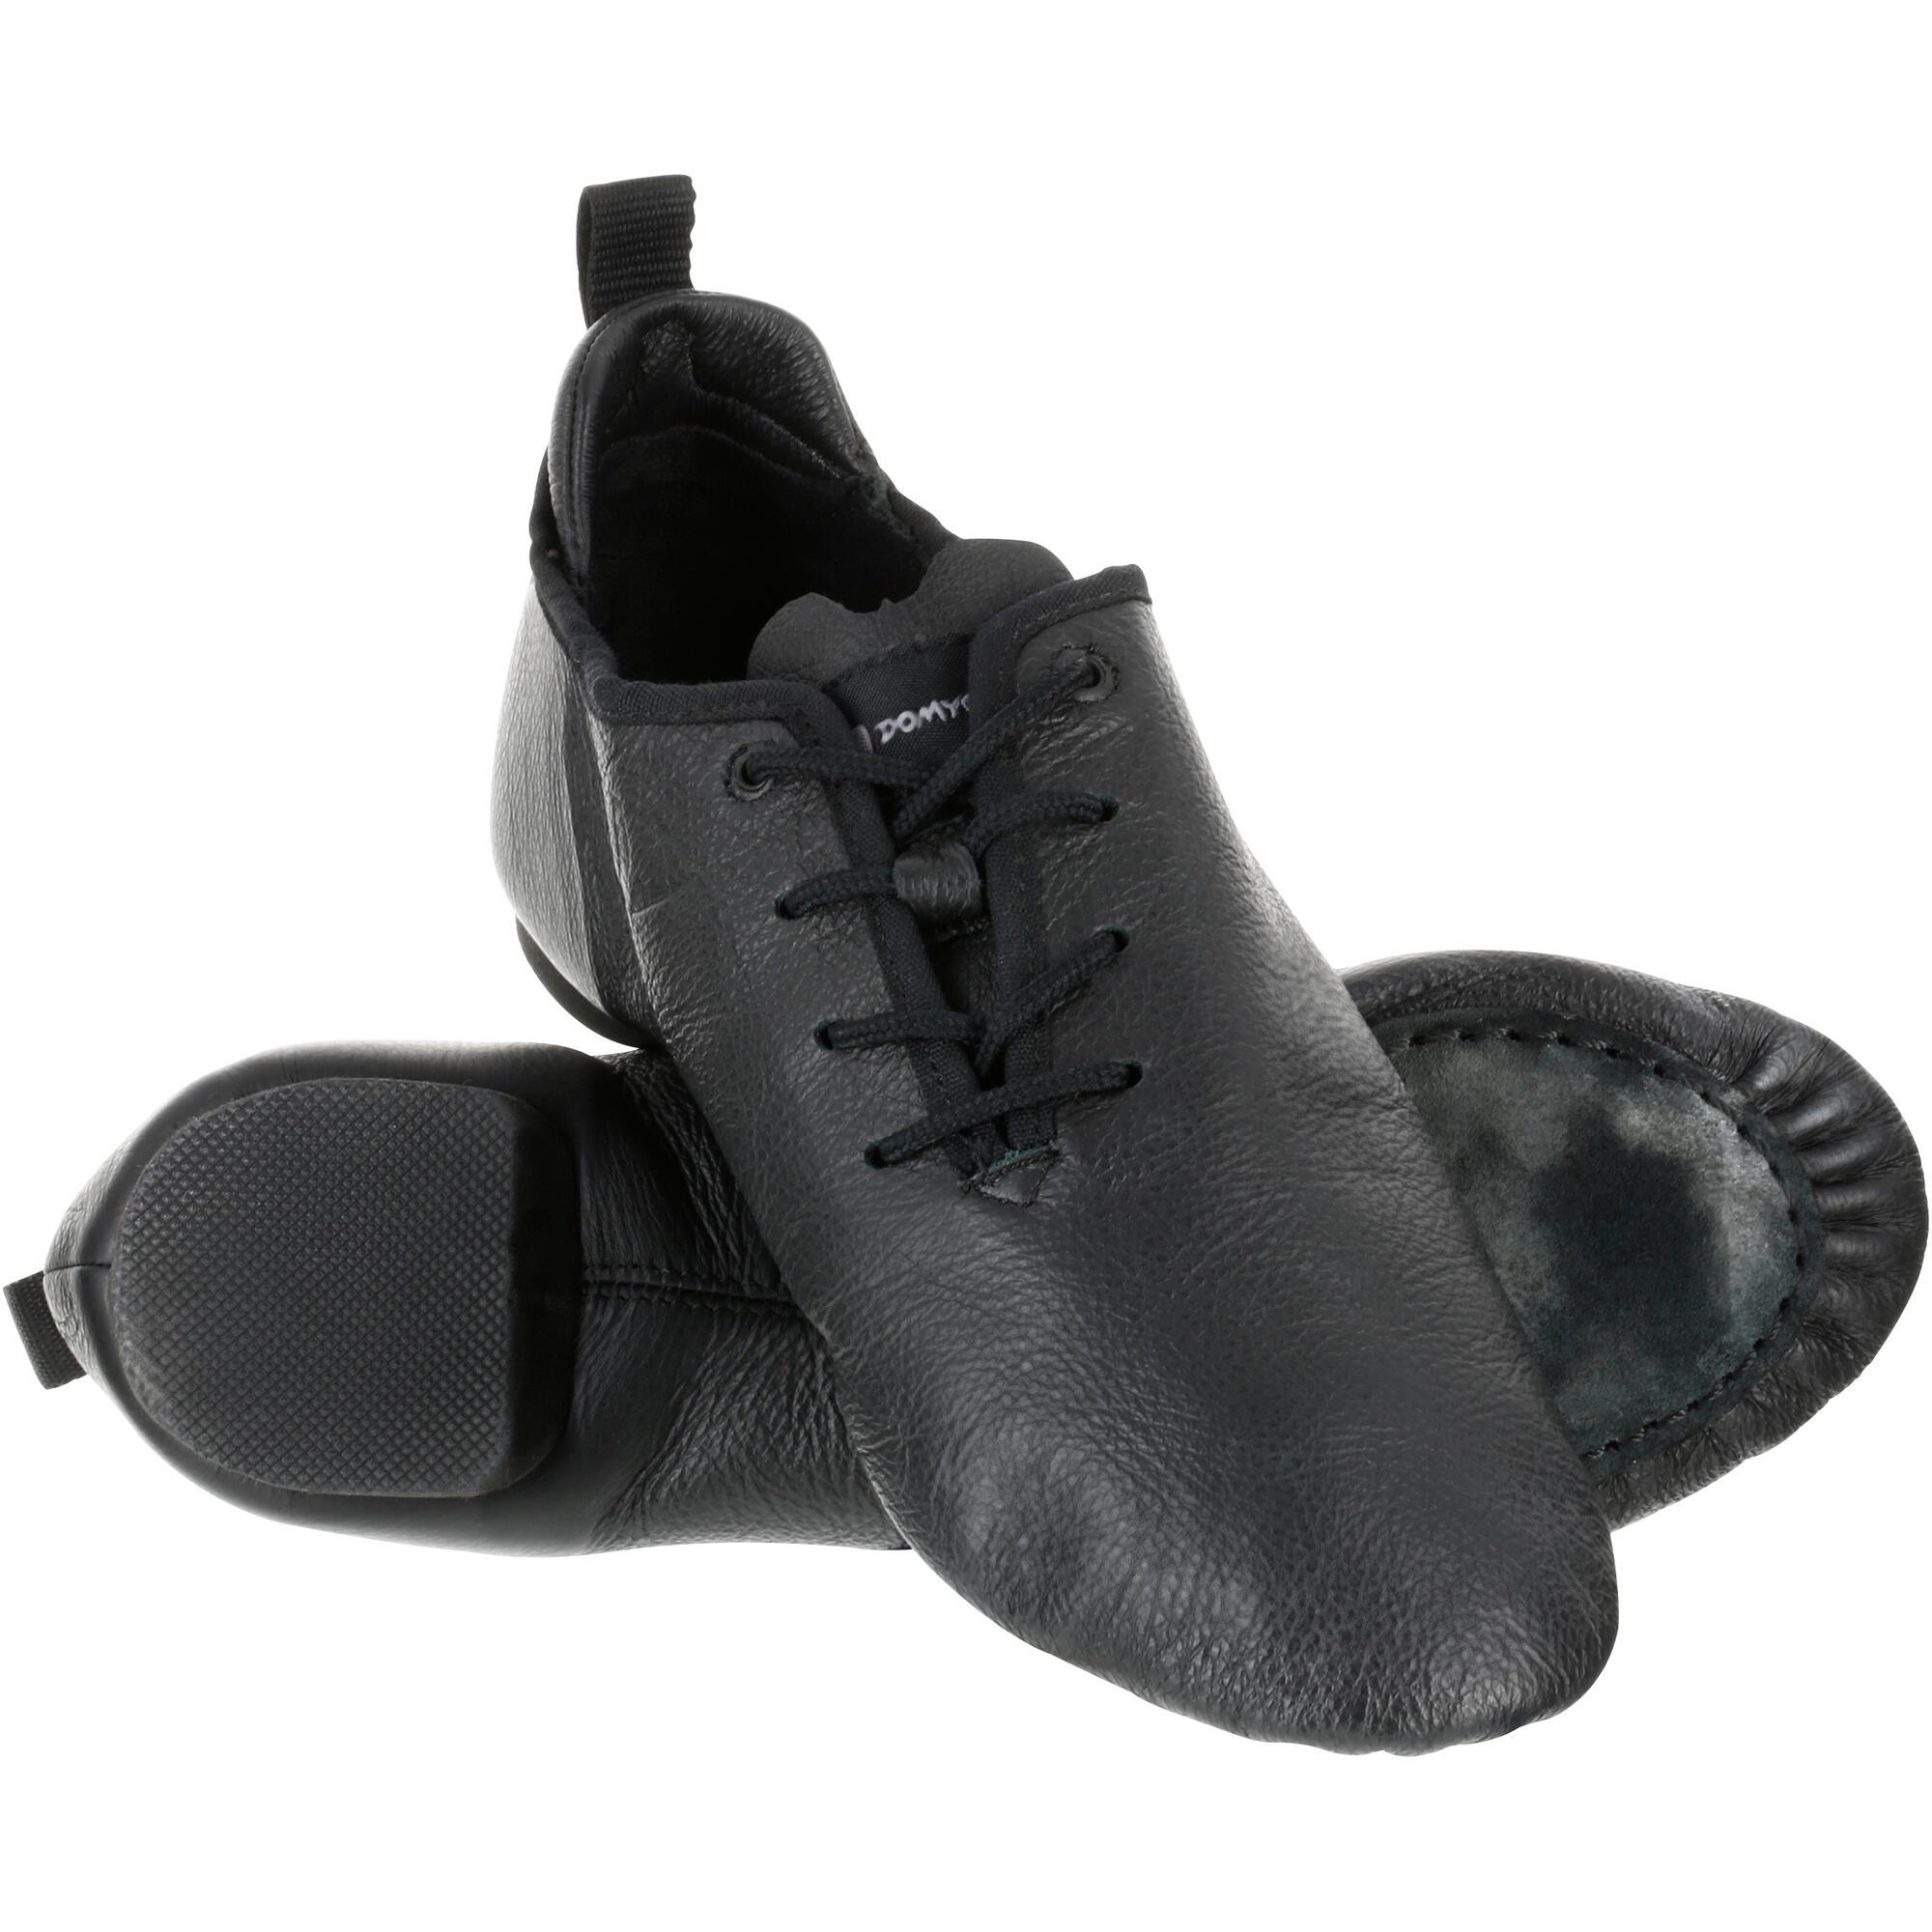 chaussons de danse moderne en cuir souple noir domyos by